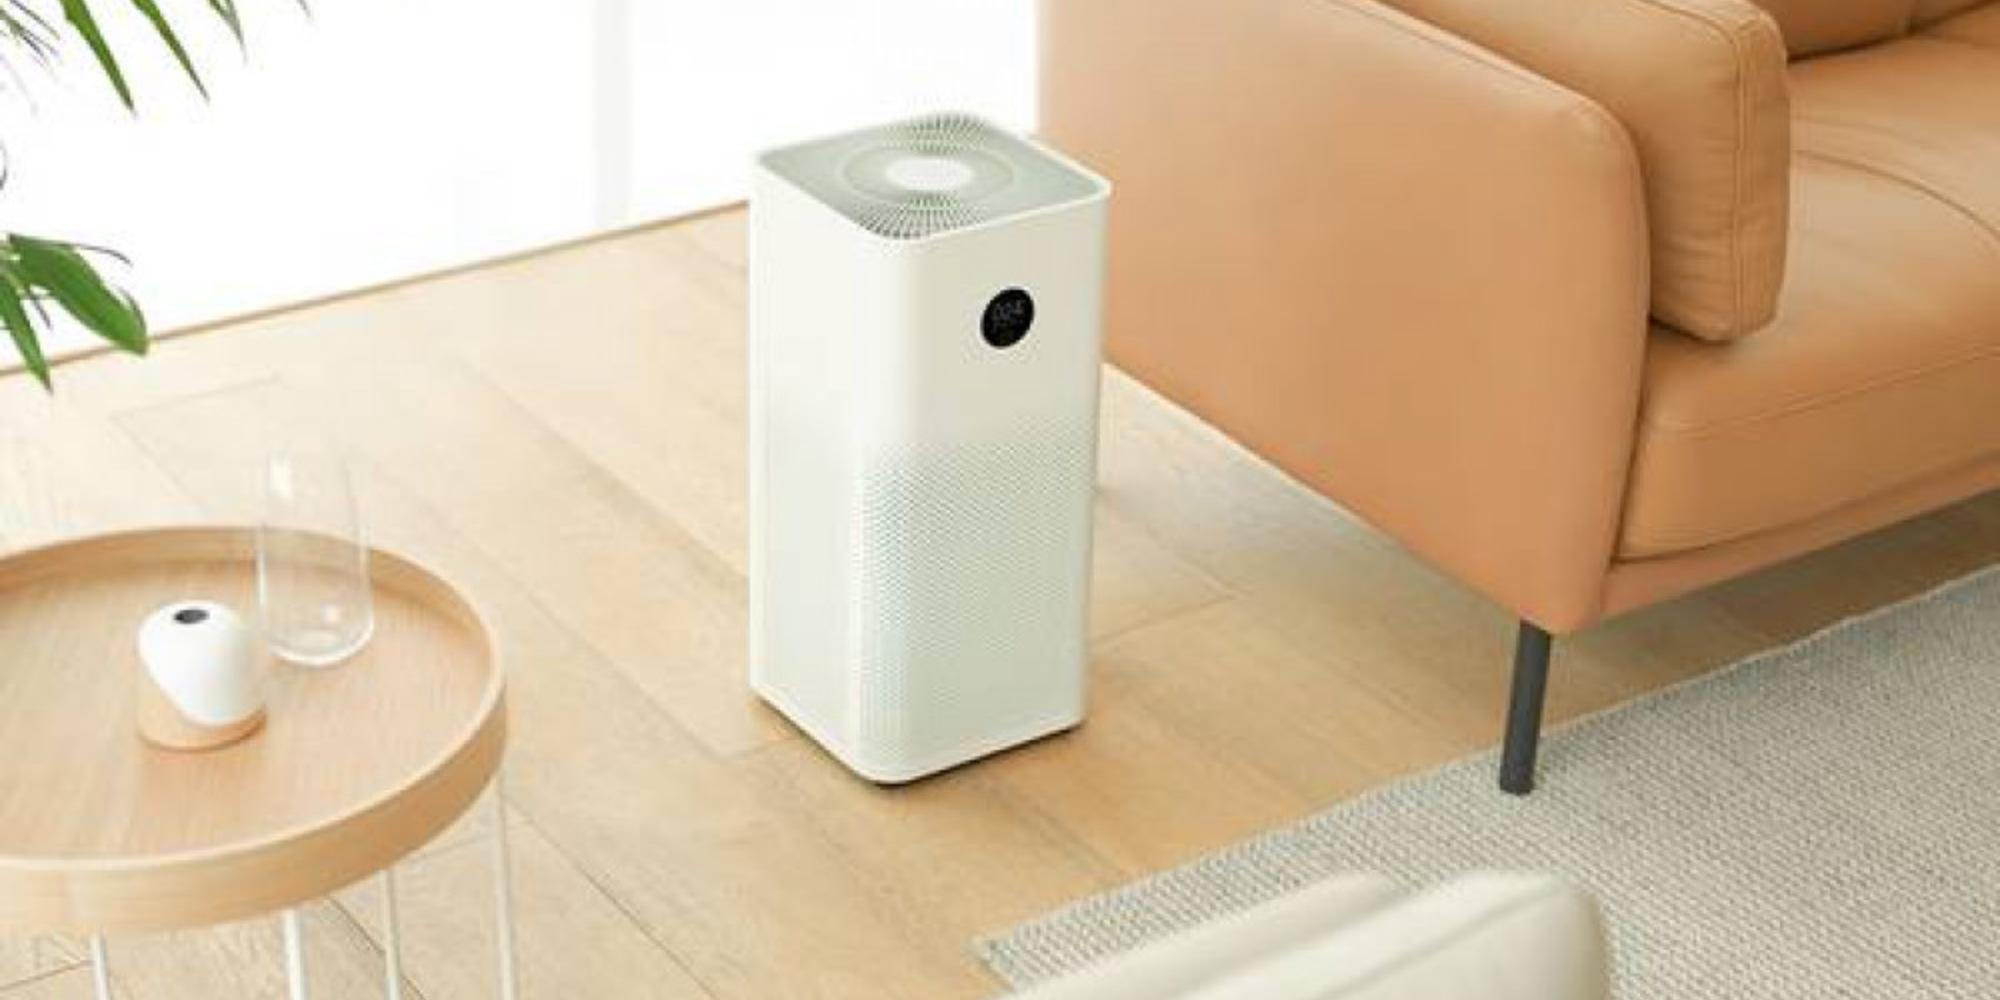 جهاز تنقية الهواء الذكي 3H - شاومي